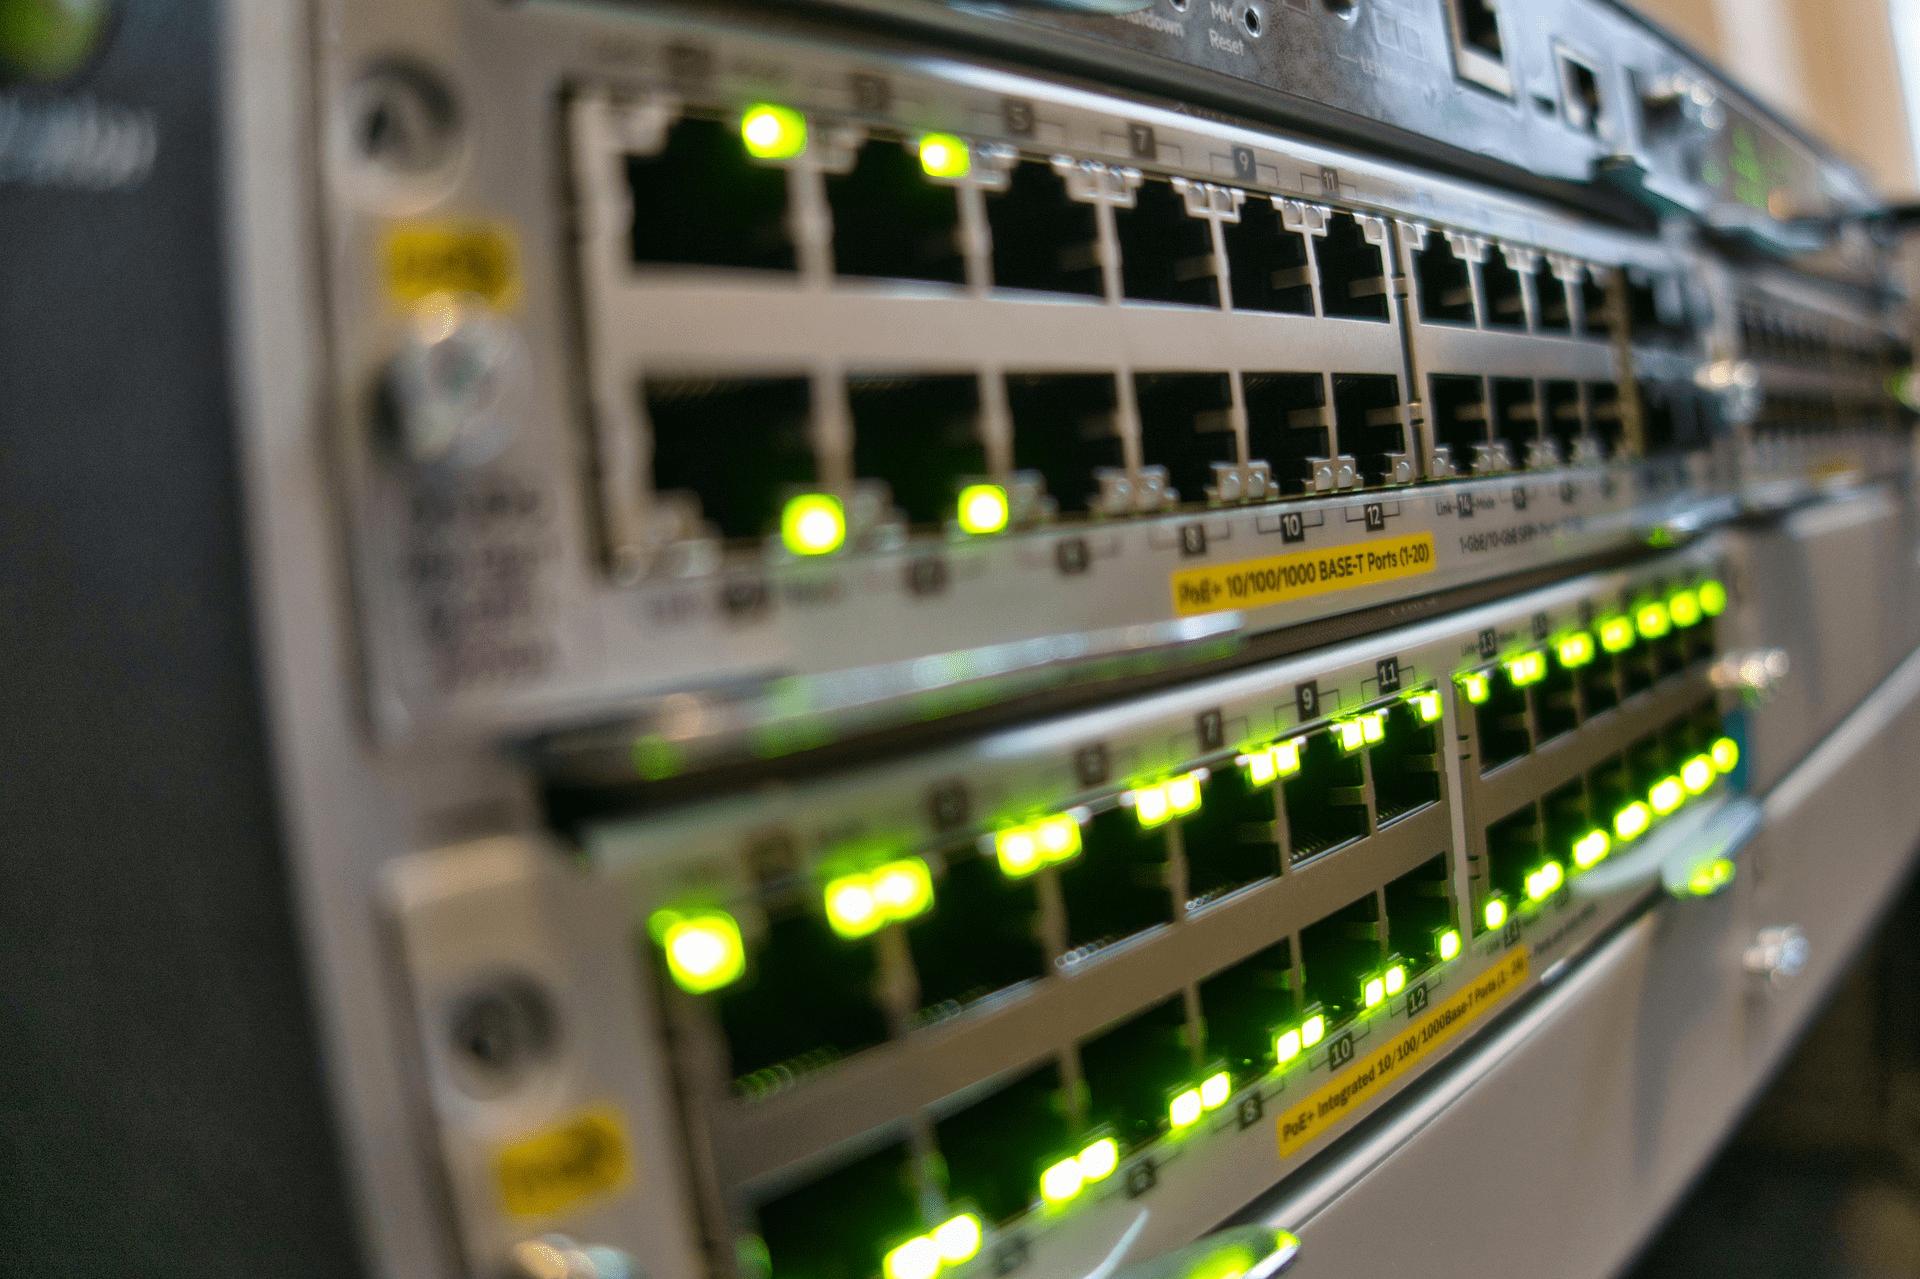 Datasikkerhed Slagelse